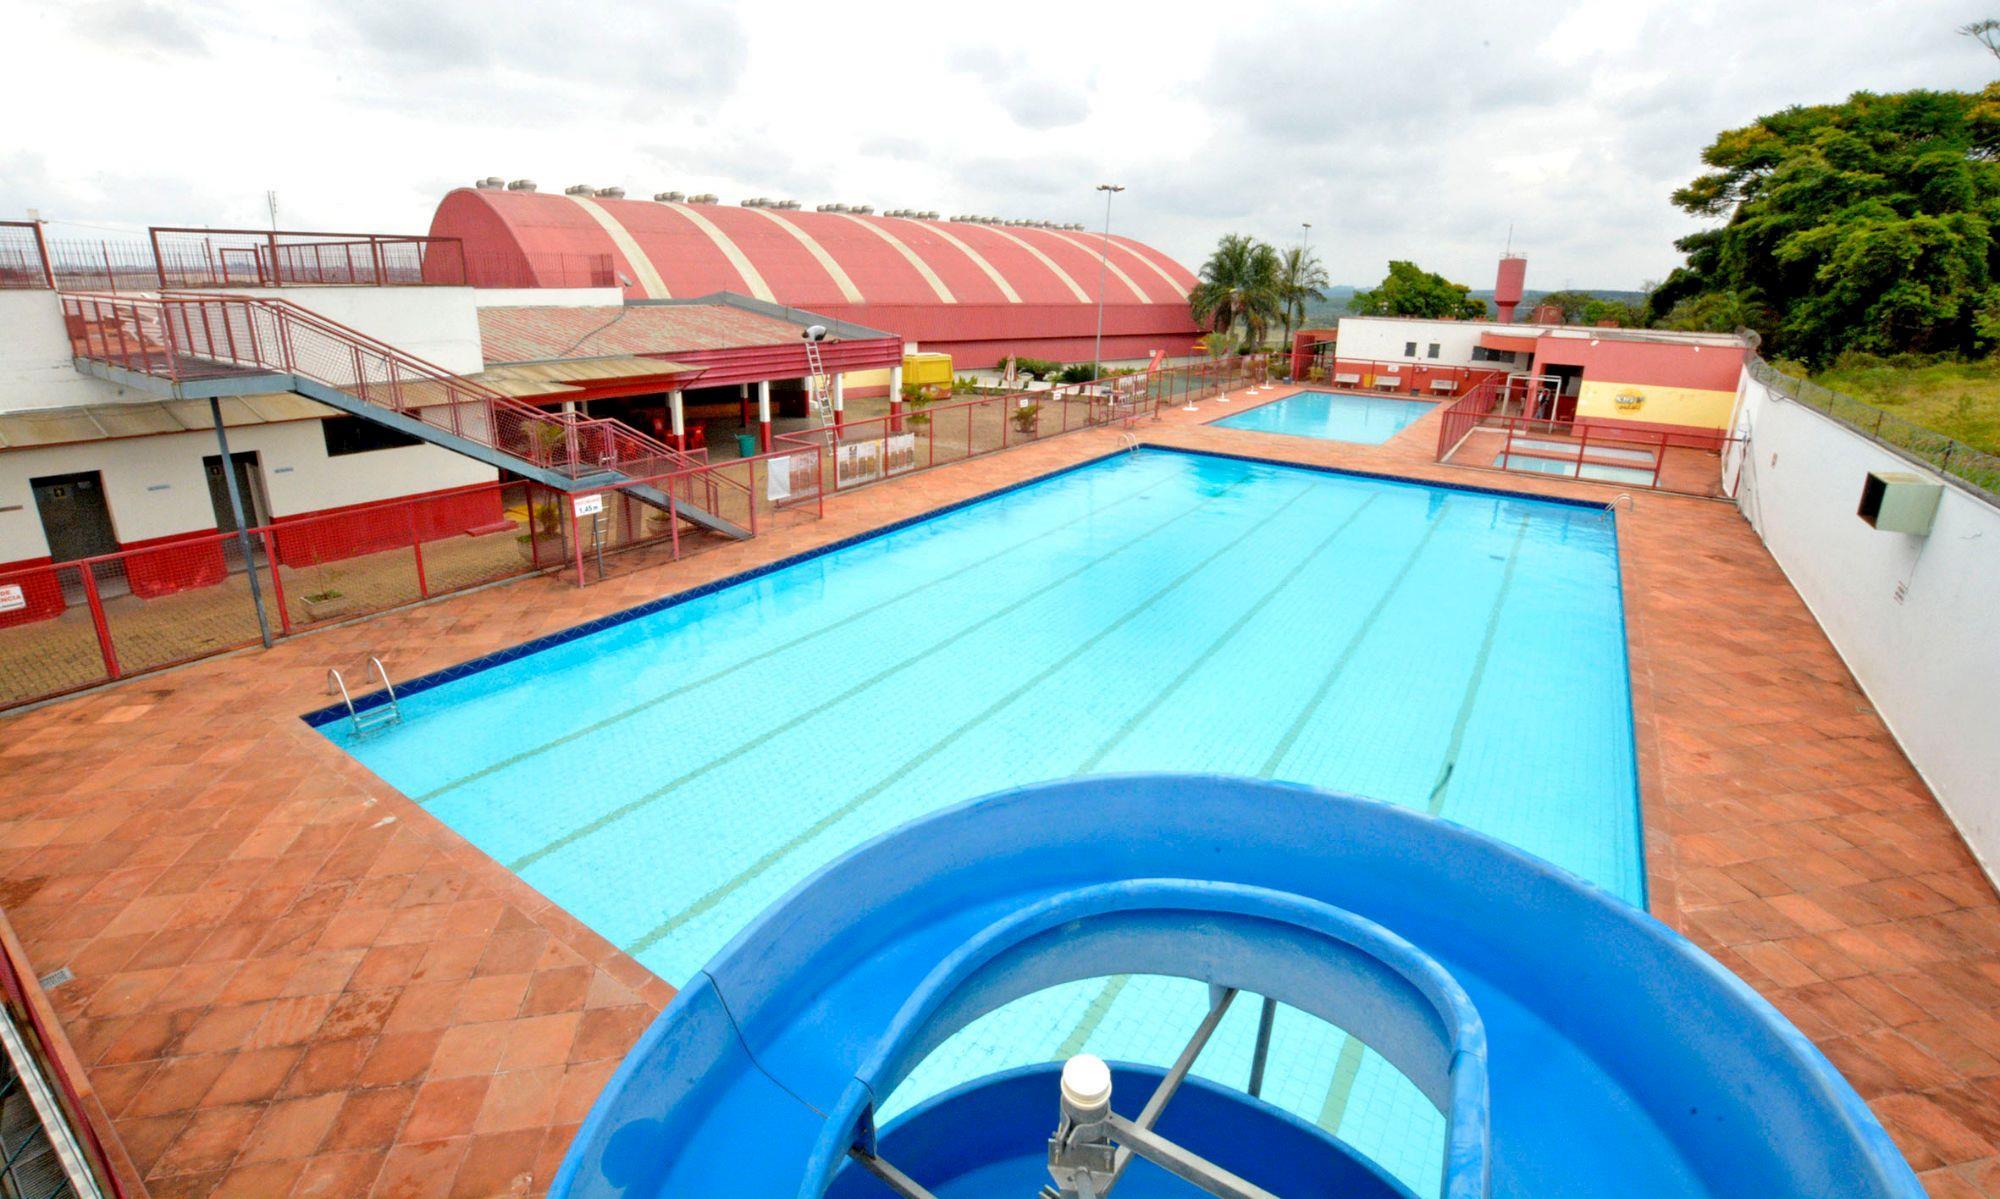 piscina, smetal, exame, médico, clube, campo, Arquivo/Foguinho Imprensa SMetal